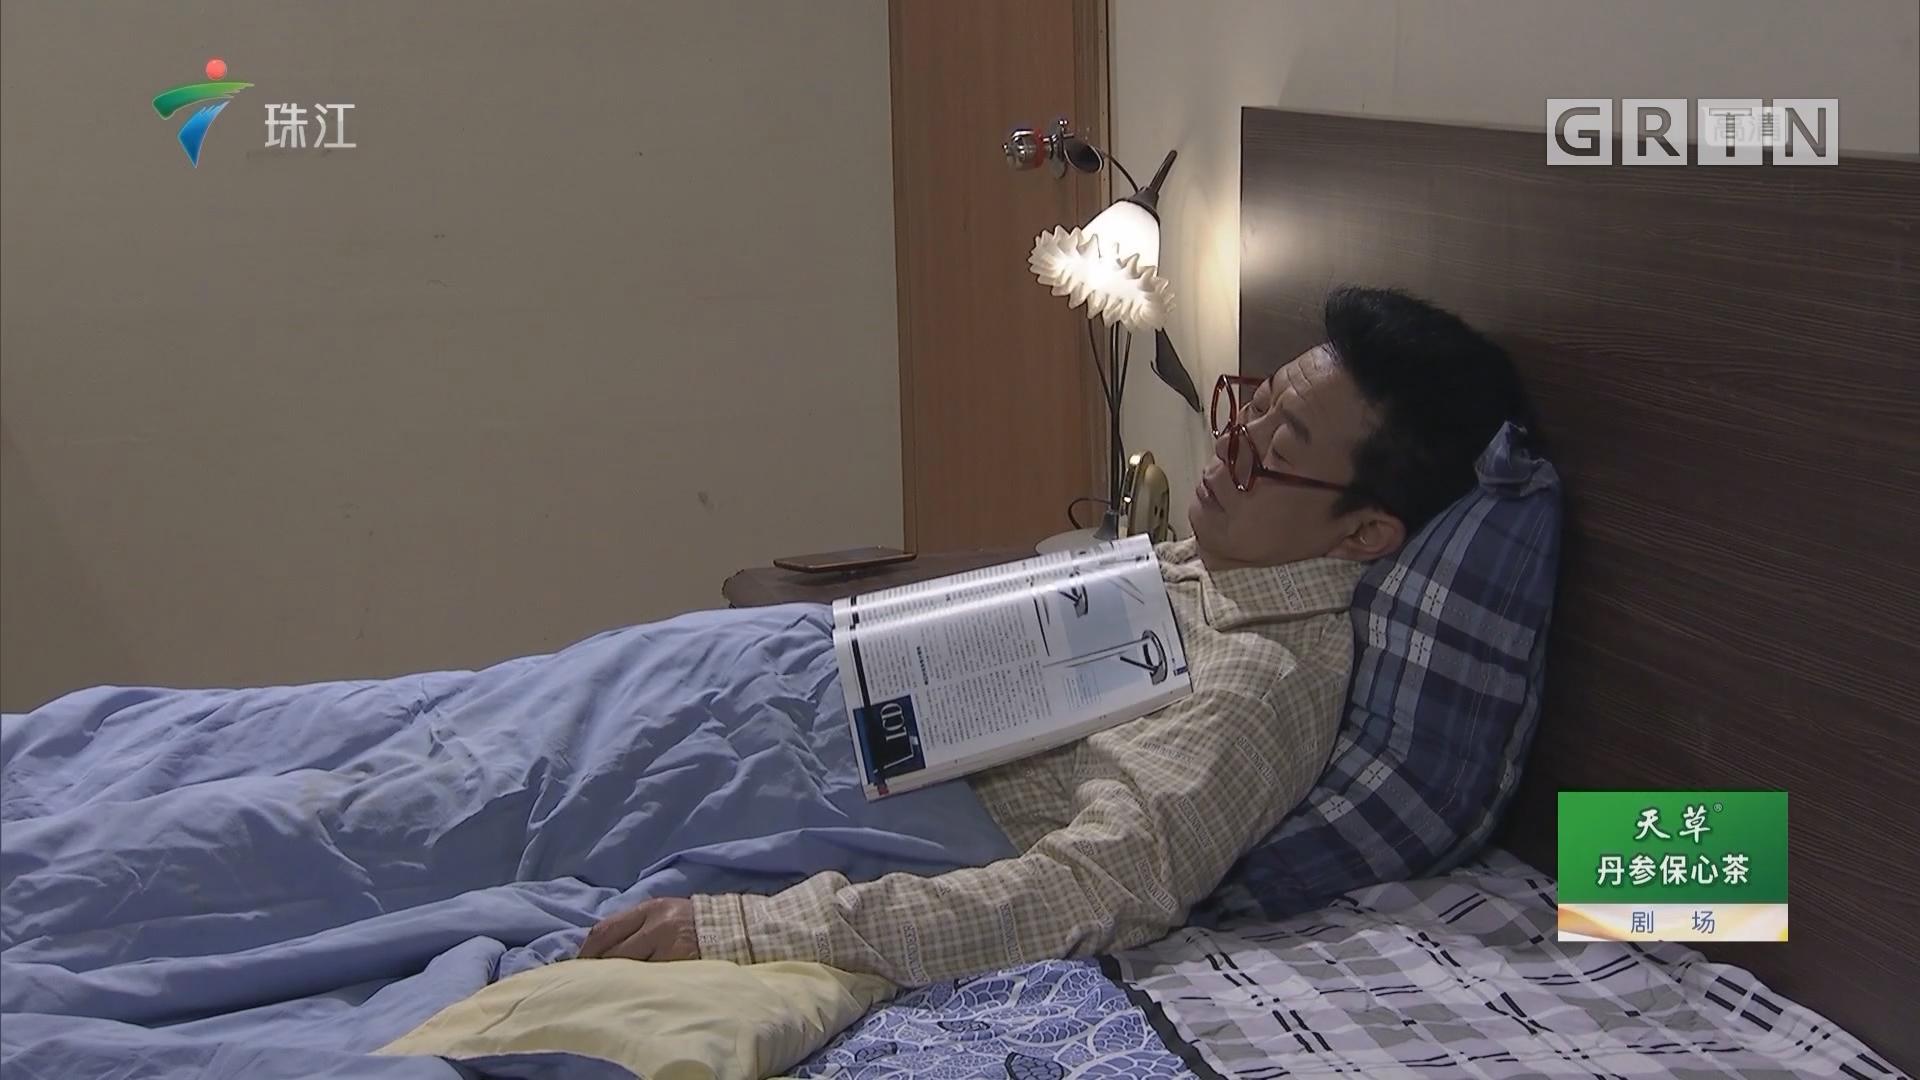 [2018-11-03]外来媳妇本地郎:我的奇葩房客(下)